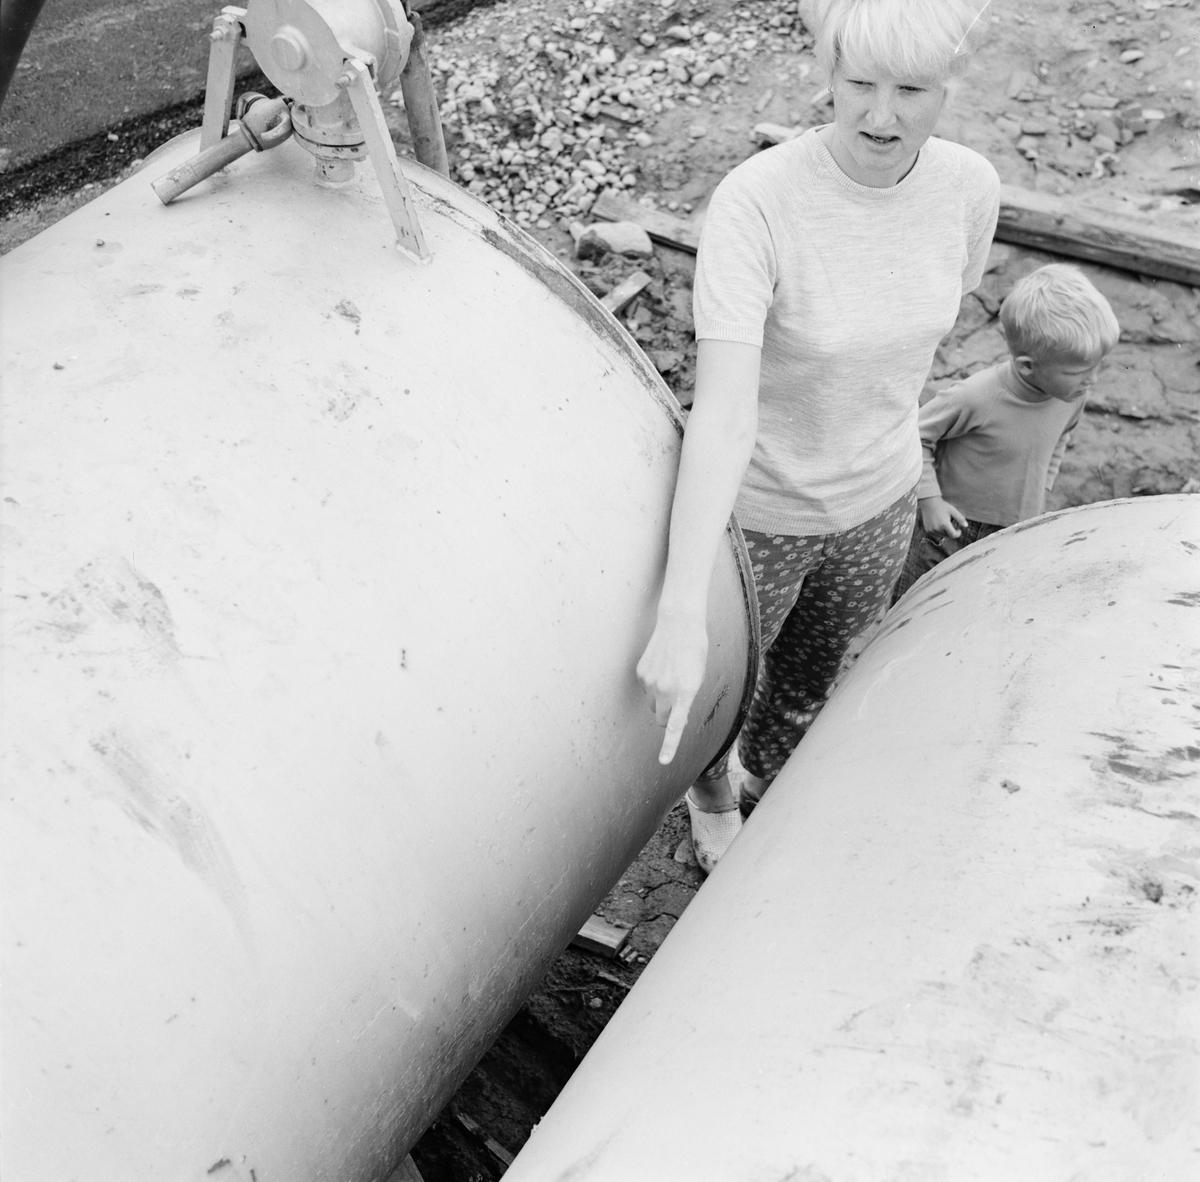 4-åring skadad, sannolikt Tierp, Uppland, juni 1968